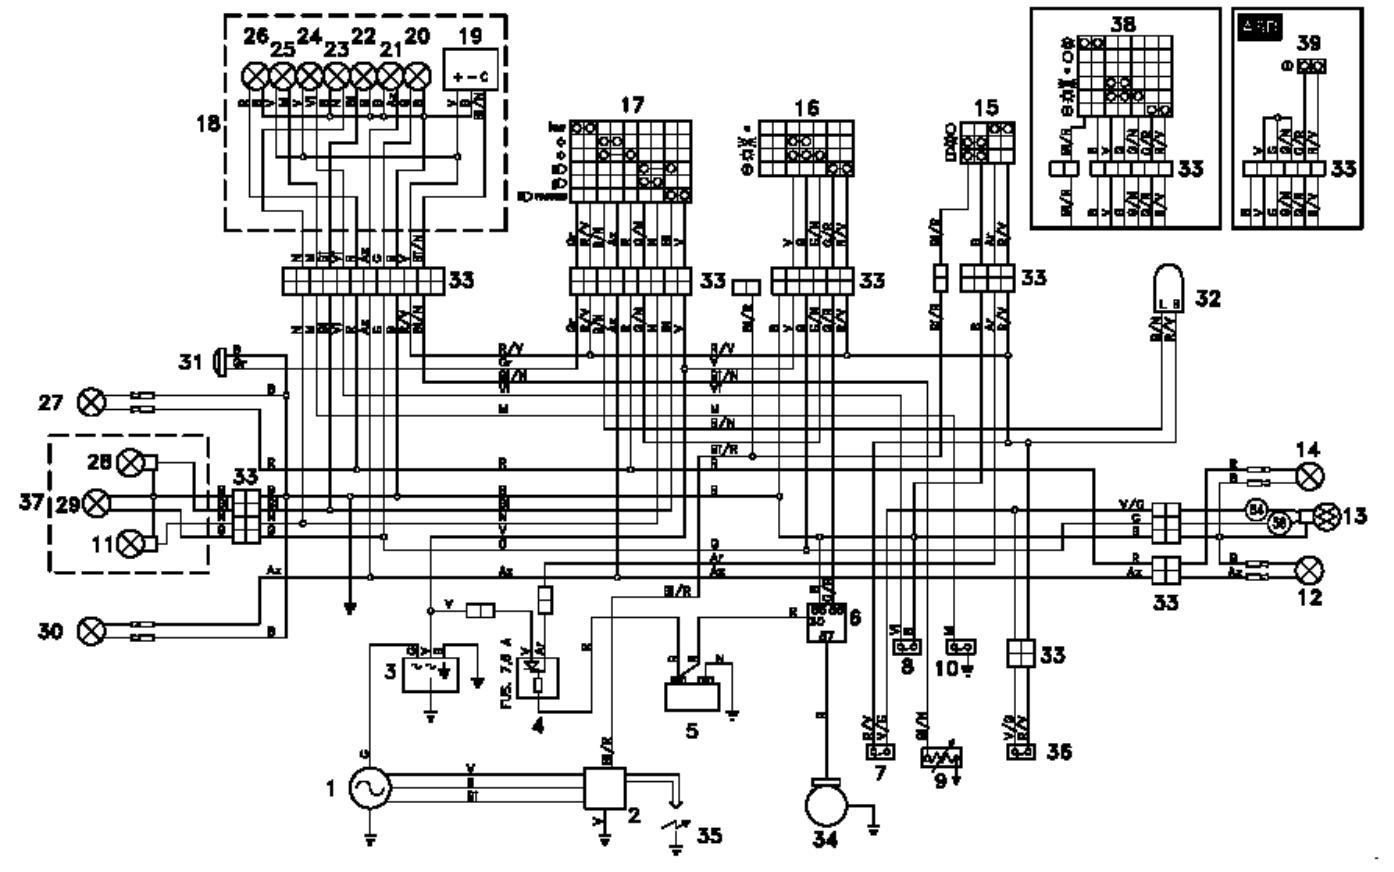 Schema Elettrico Aprilia Sr 50: Modifica impianto